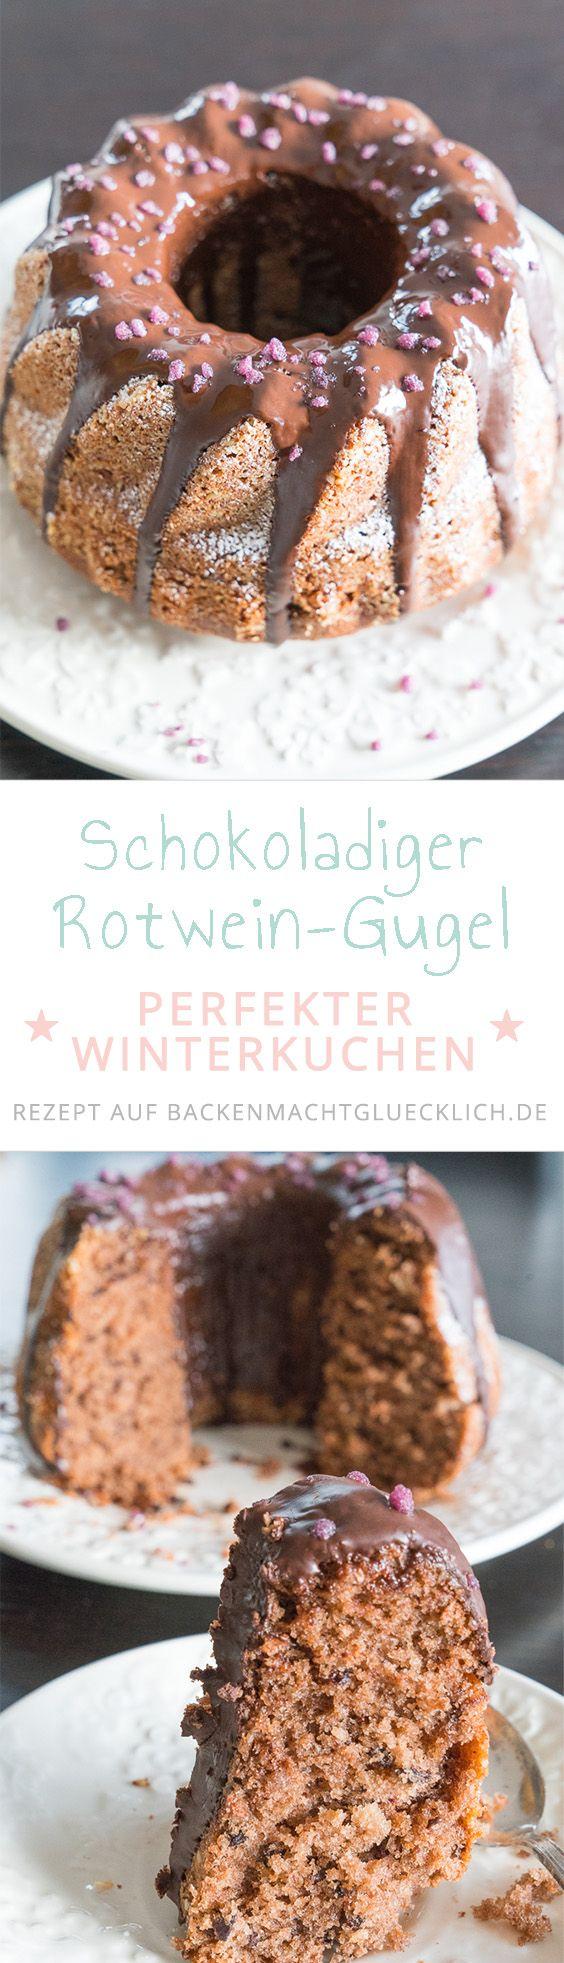 Ein wunderbar schokoladiger Gugelhupf mit Rotwein, Schokolade, Mandeln und Gewürzen: Dieser Rotweinkuchen schmeckt nicht nur in der Adventszeit!